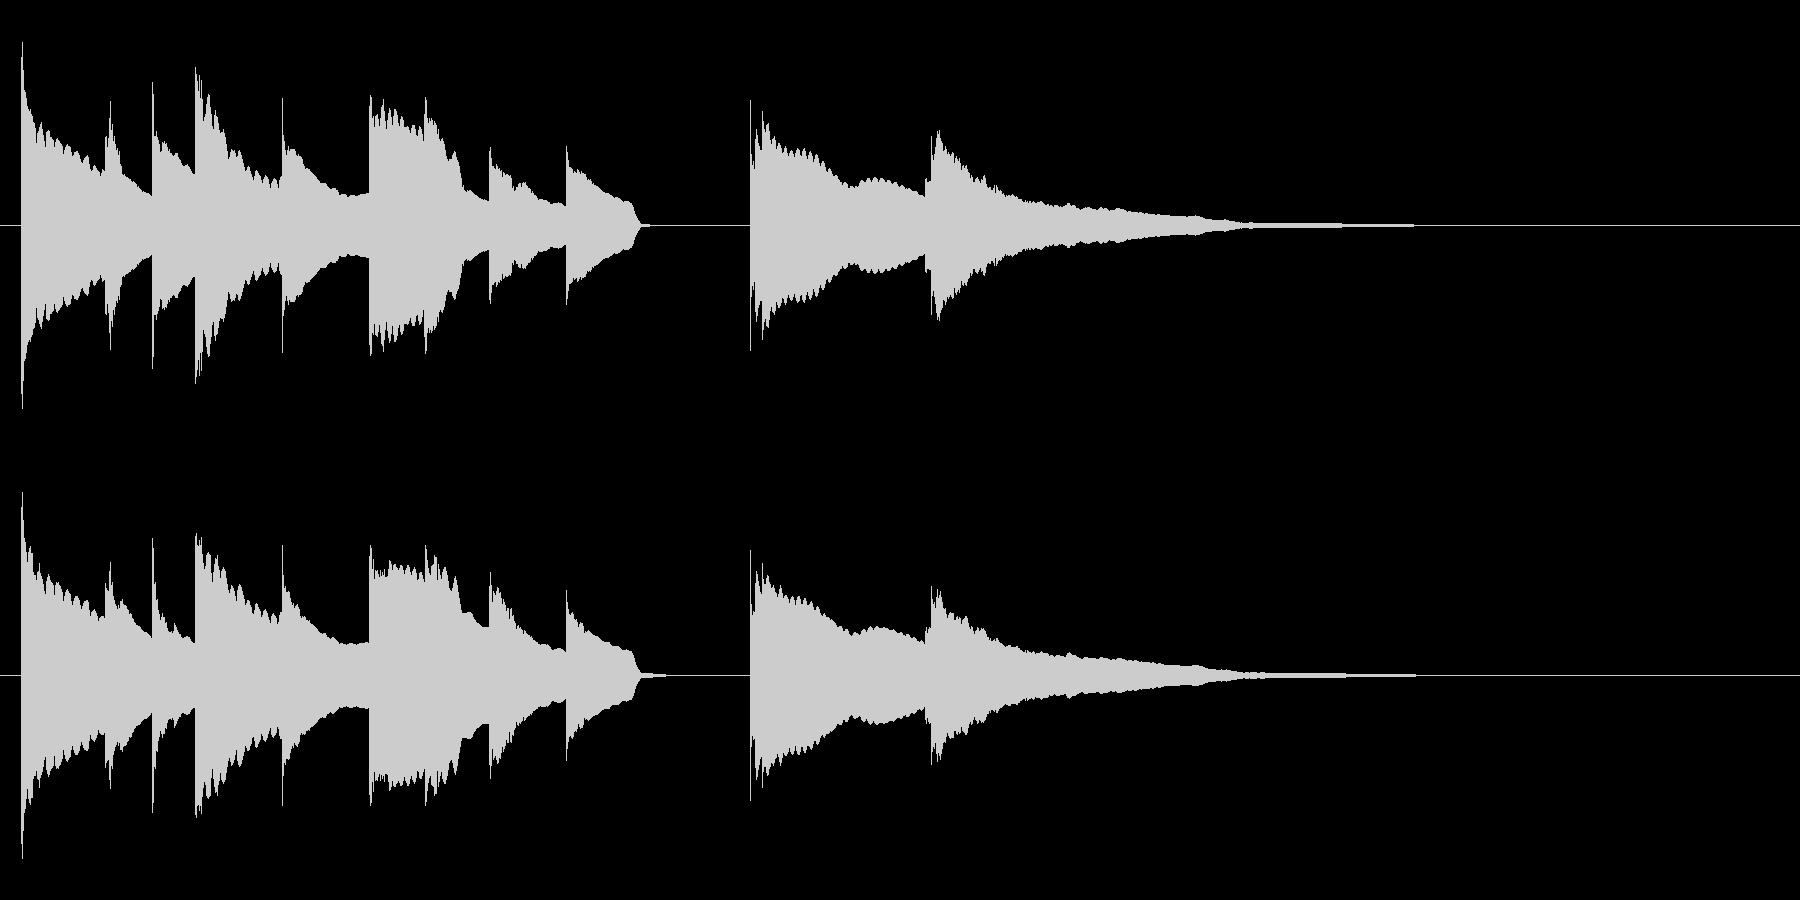 エンディング E. ピアノソロ の未再生の波形